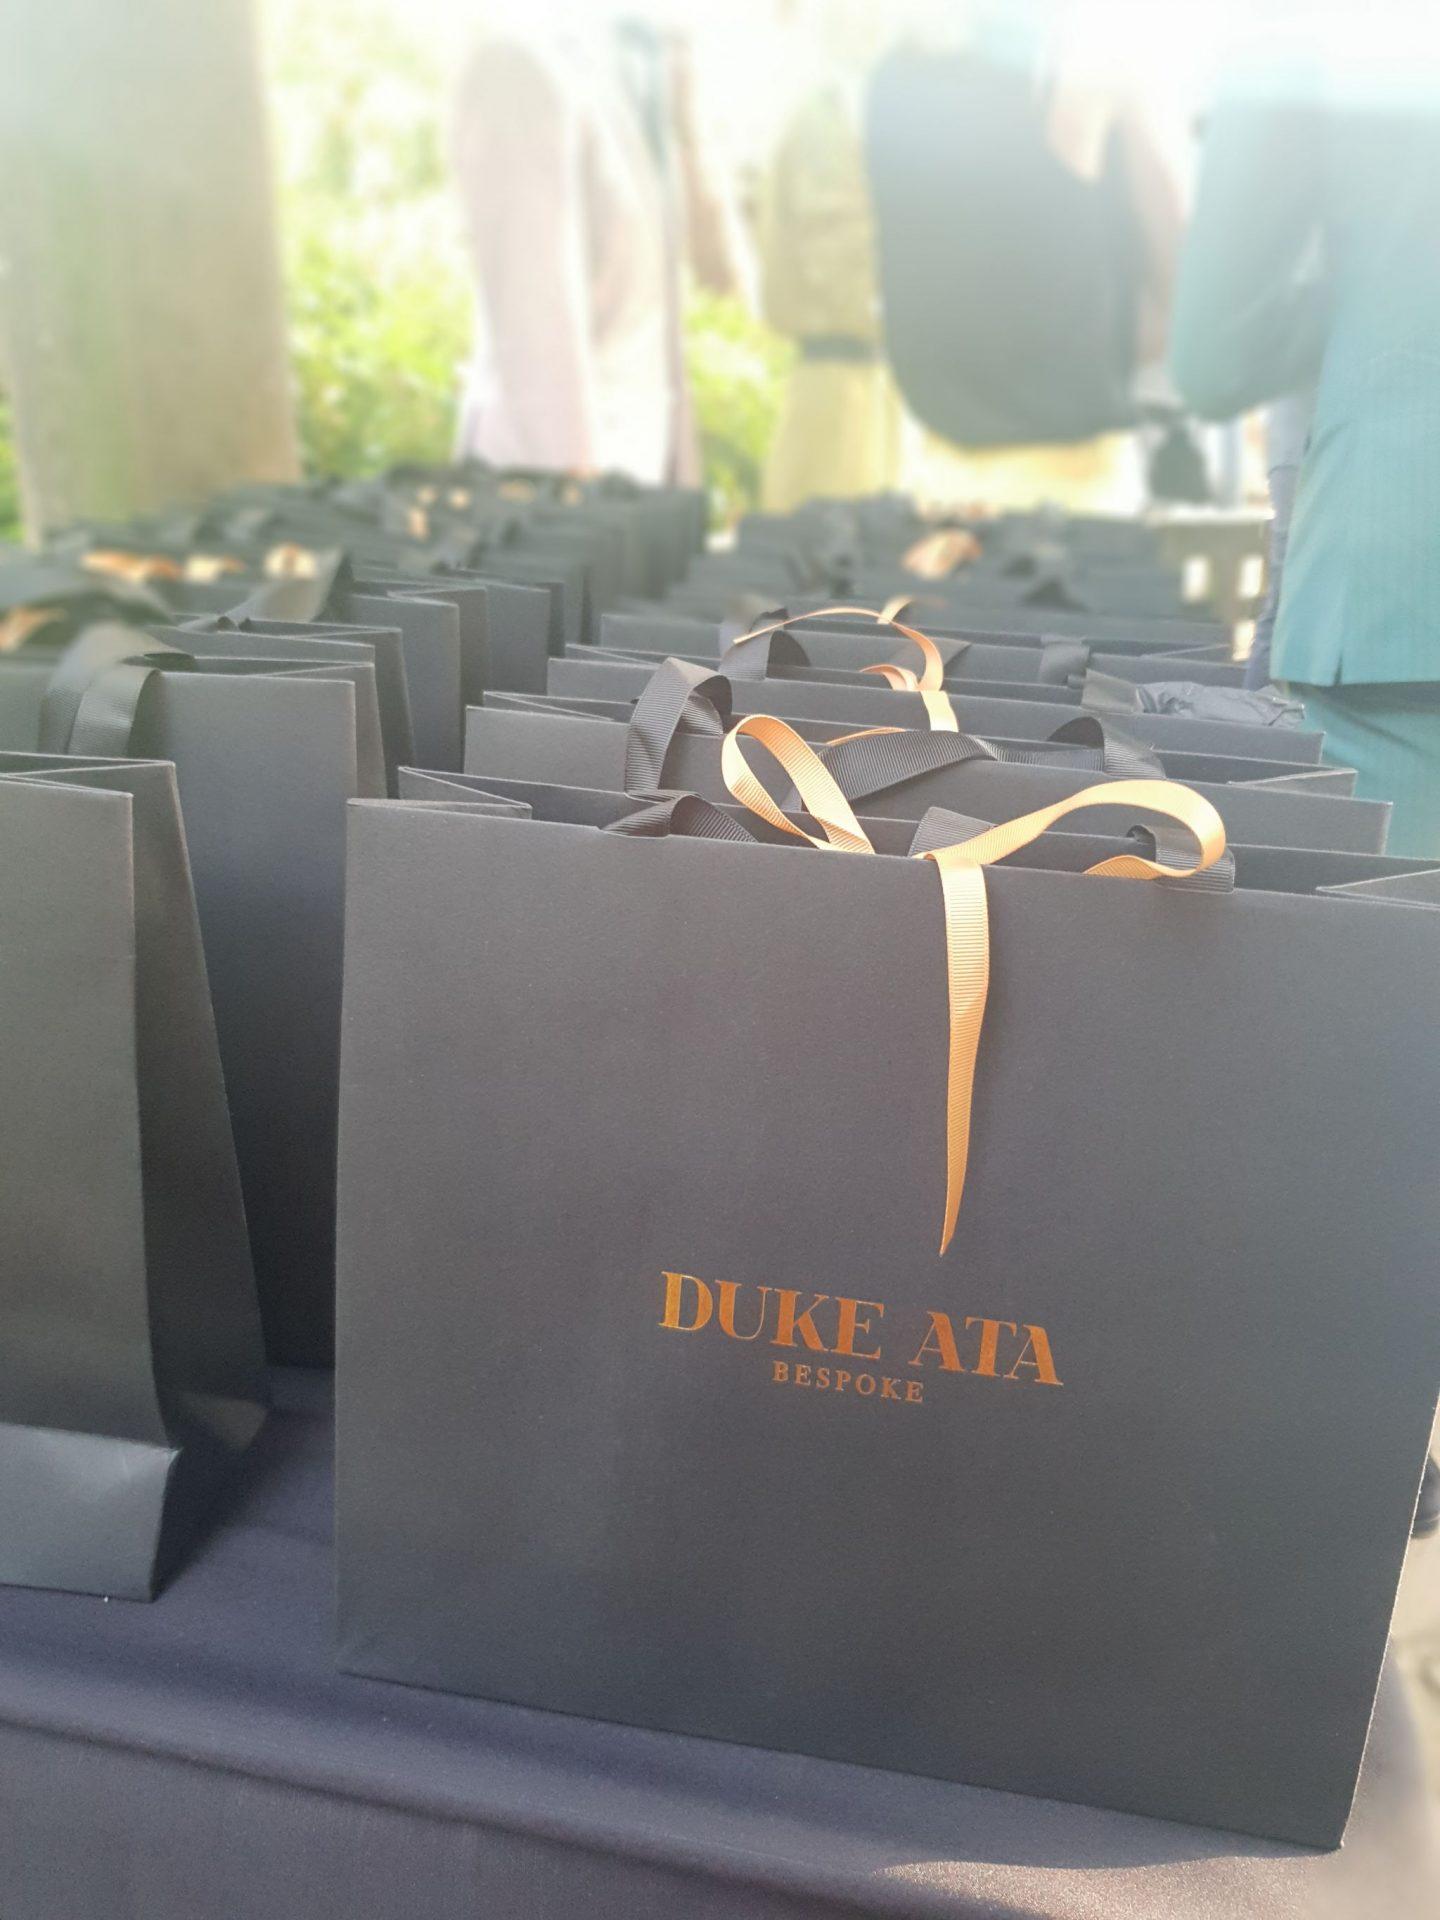 20180719 195739 1440x1920 - Summer Soiree And Duka Ata Showcase At Slayley Hall